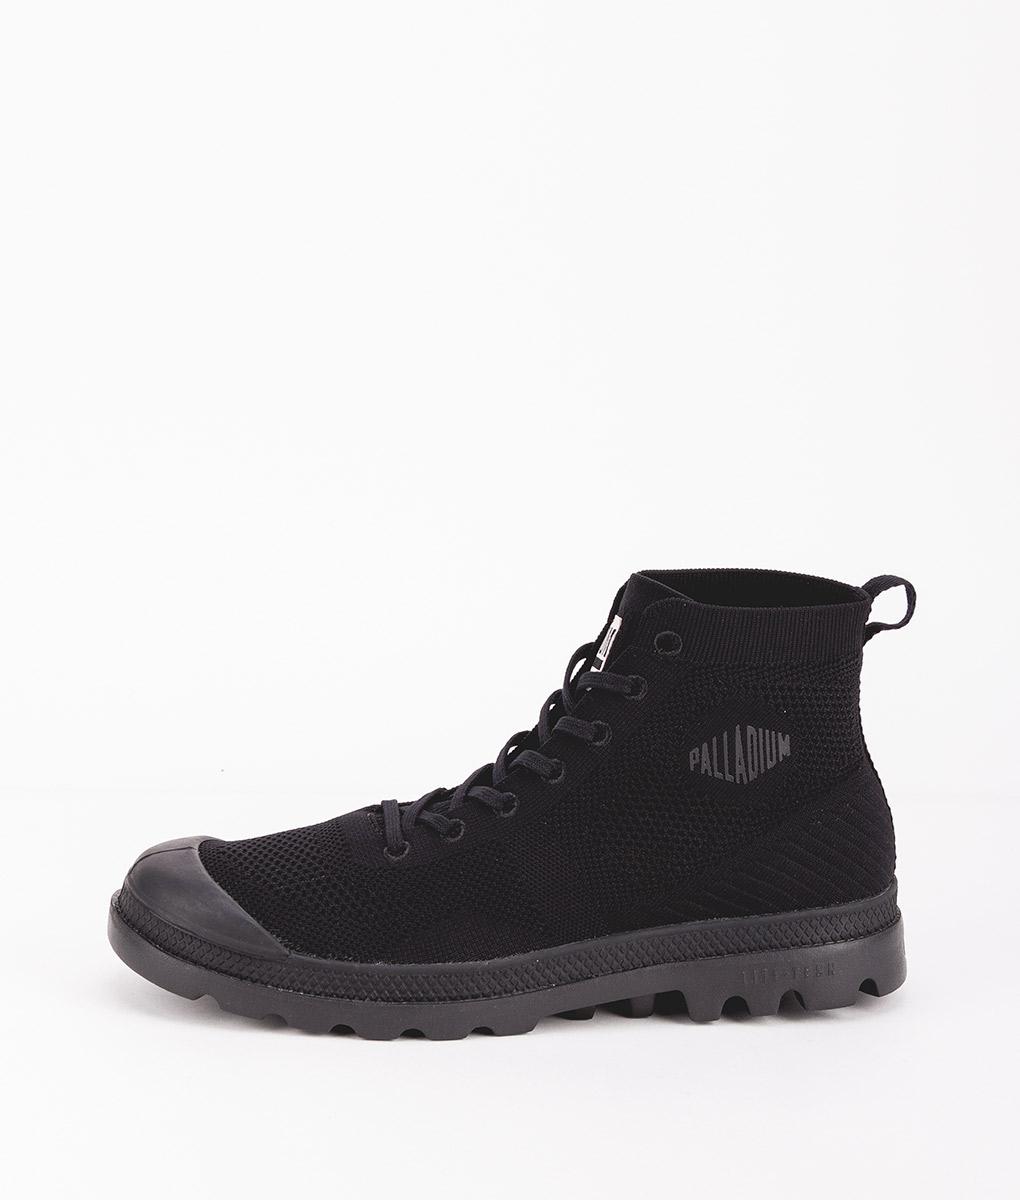 PALLADIUM Men Sneakers 75749 PAMPA HI LITE K, Black 109.99 2